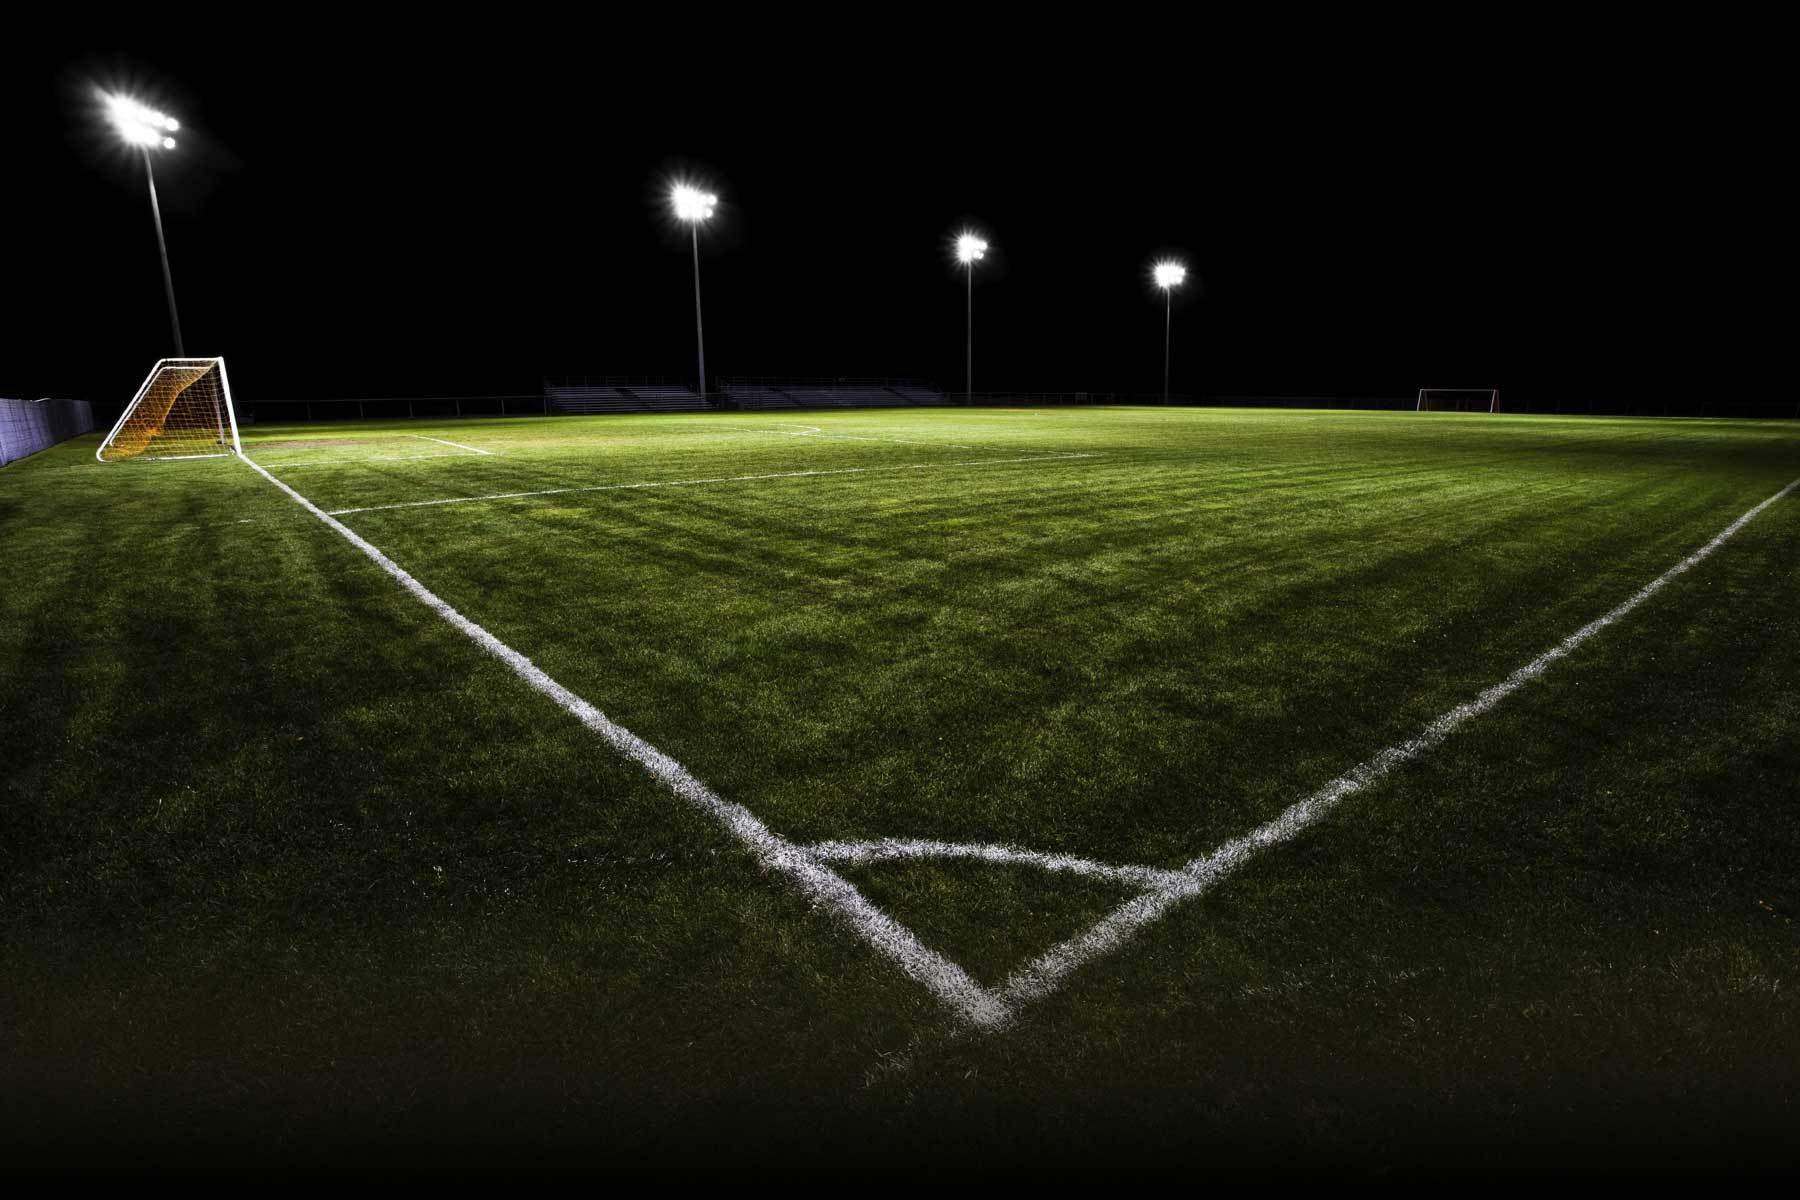 Soccer-Field-Night1